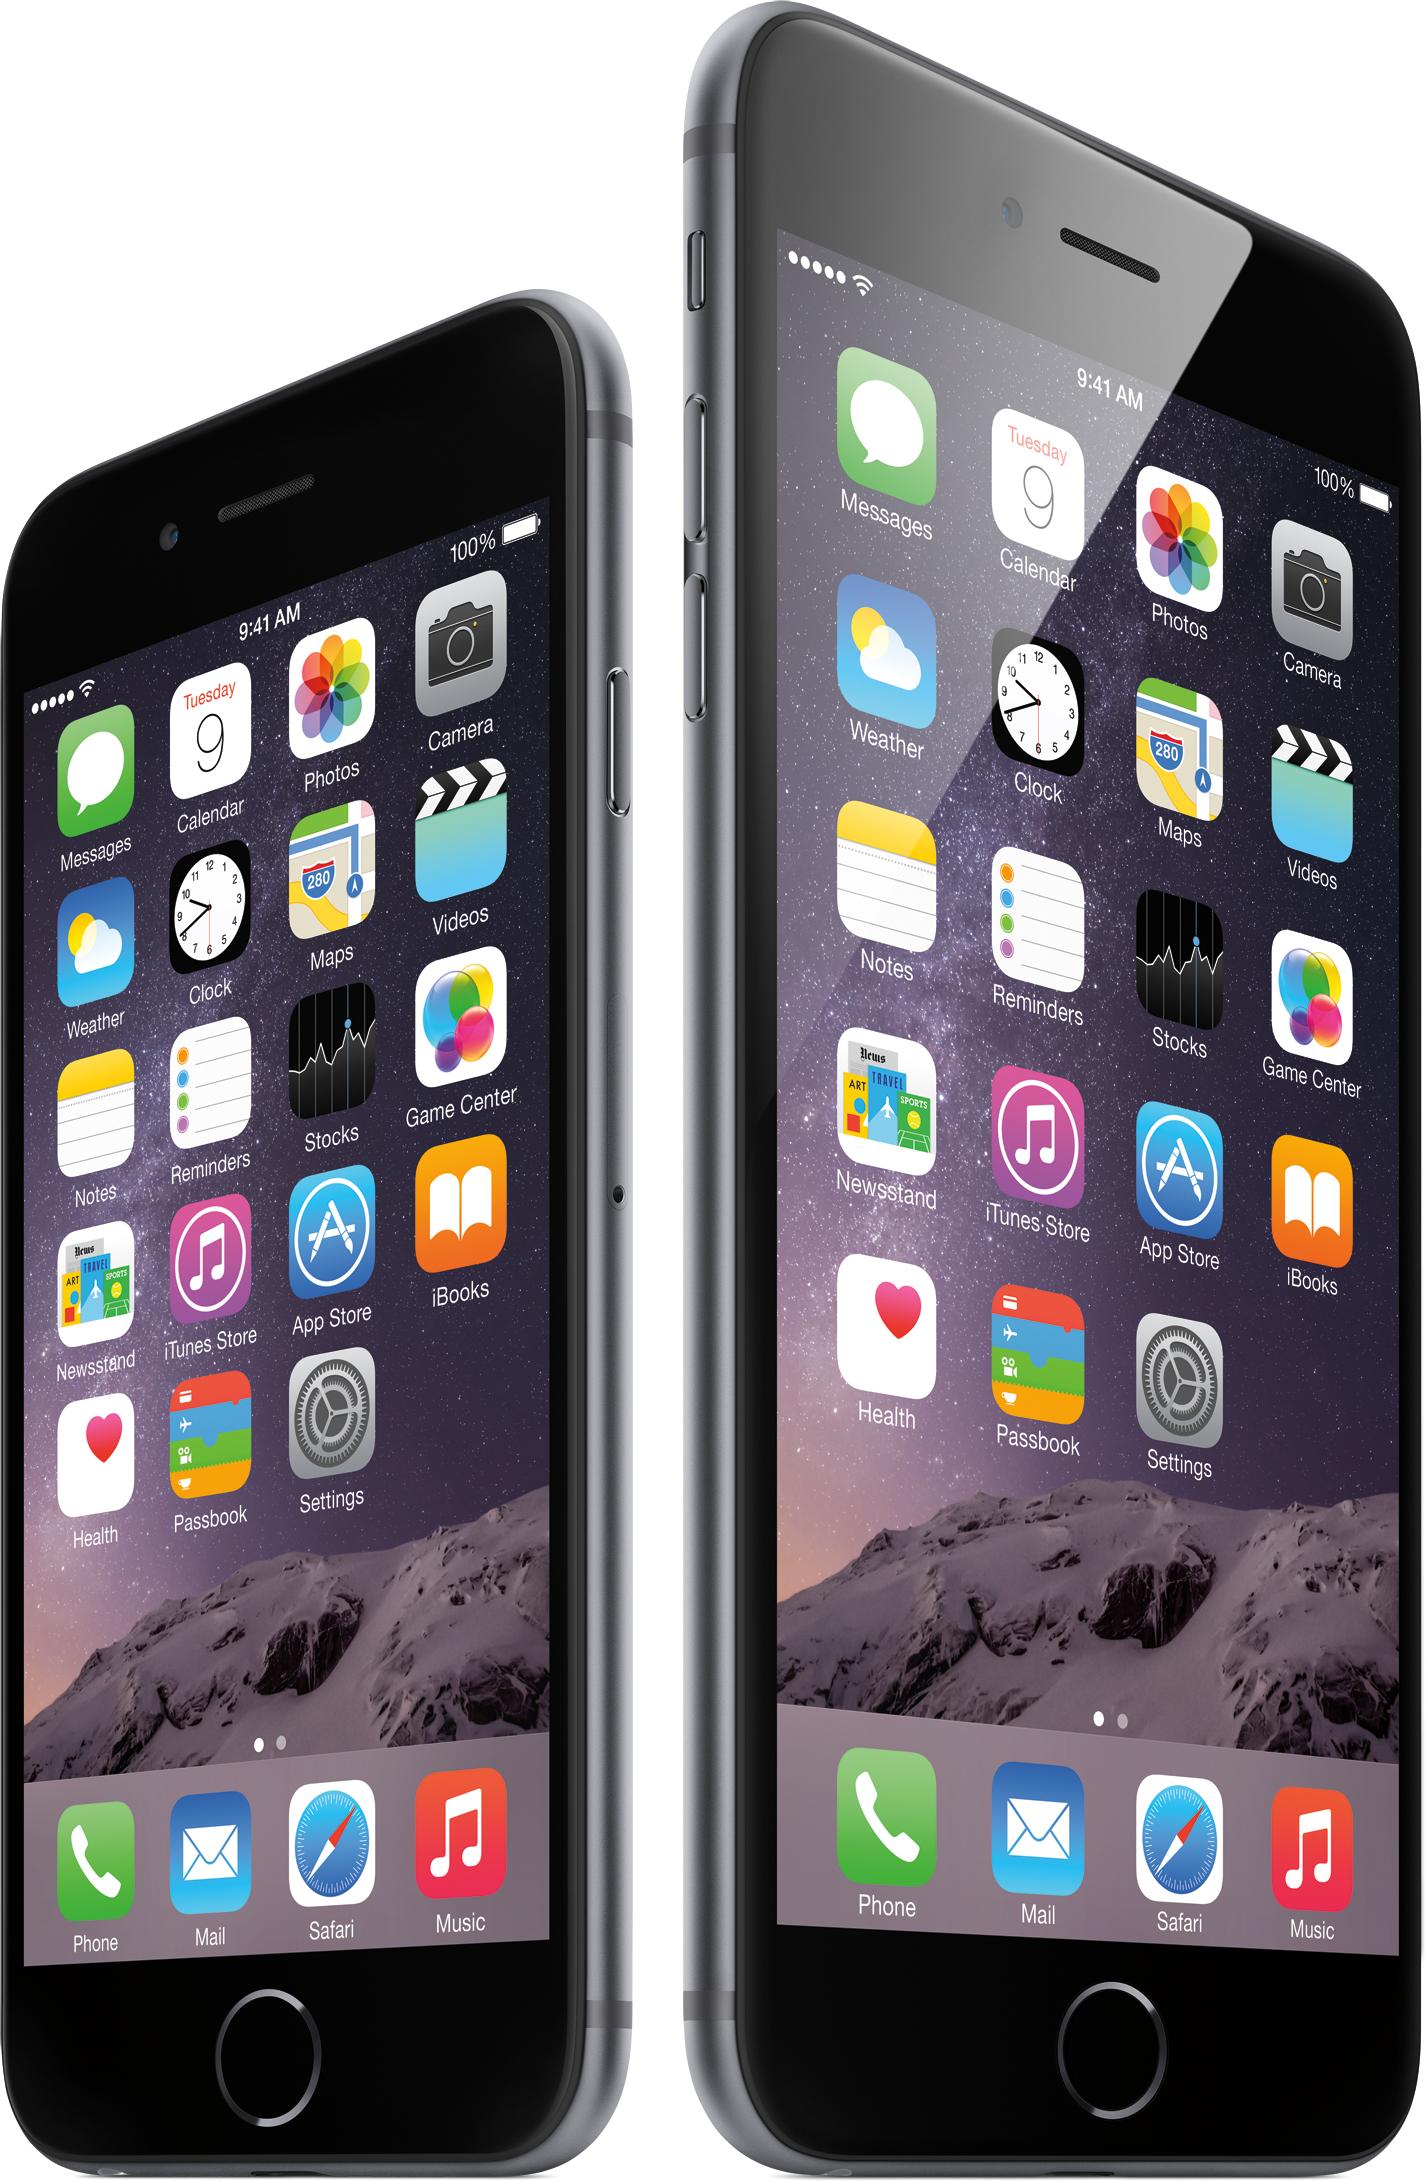 iPhone 6 e iPhone 6 Plus na Tela Início, lado a lado